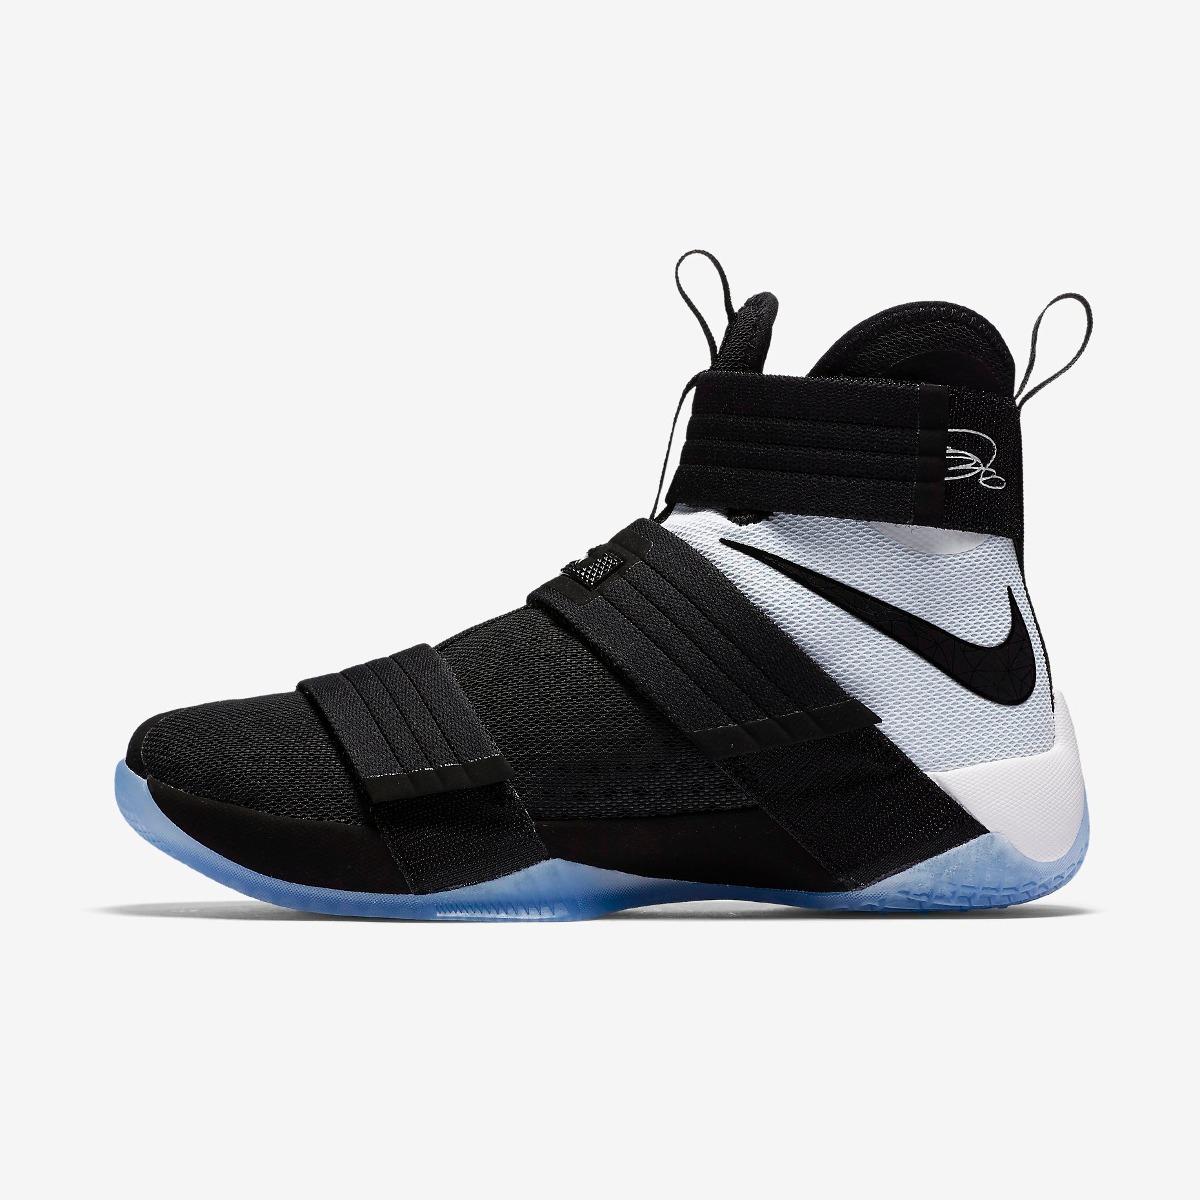 Zapatillas Nike Lebron Soldier 10 - $ 4.200,00 en Mercado Libre